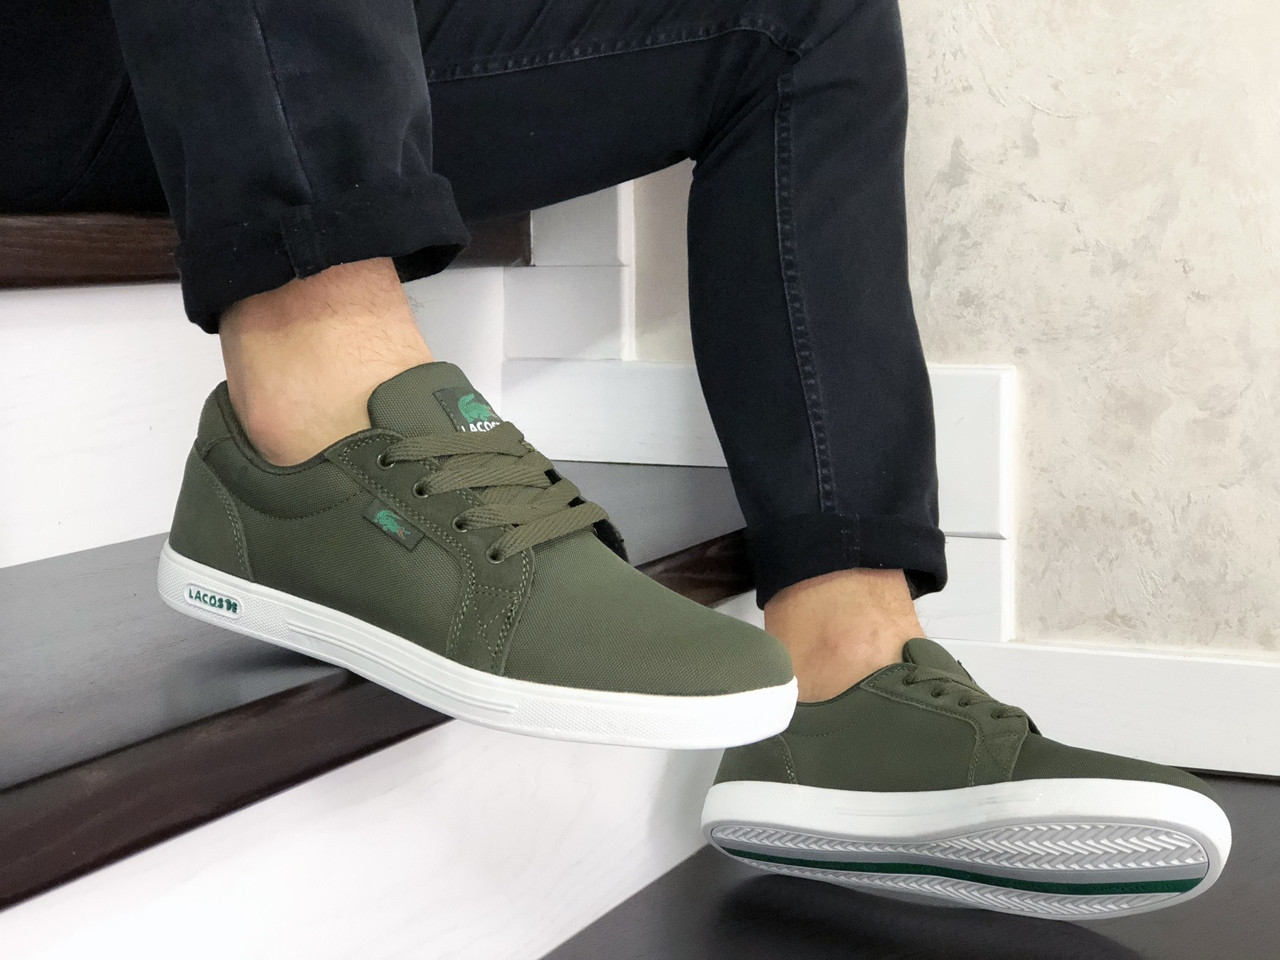 Мужские кроссовки,кеды Lacoste,текстиль,темно зеленые